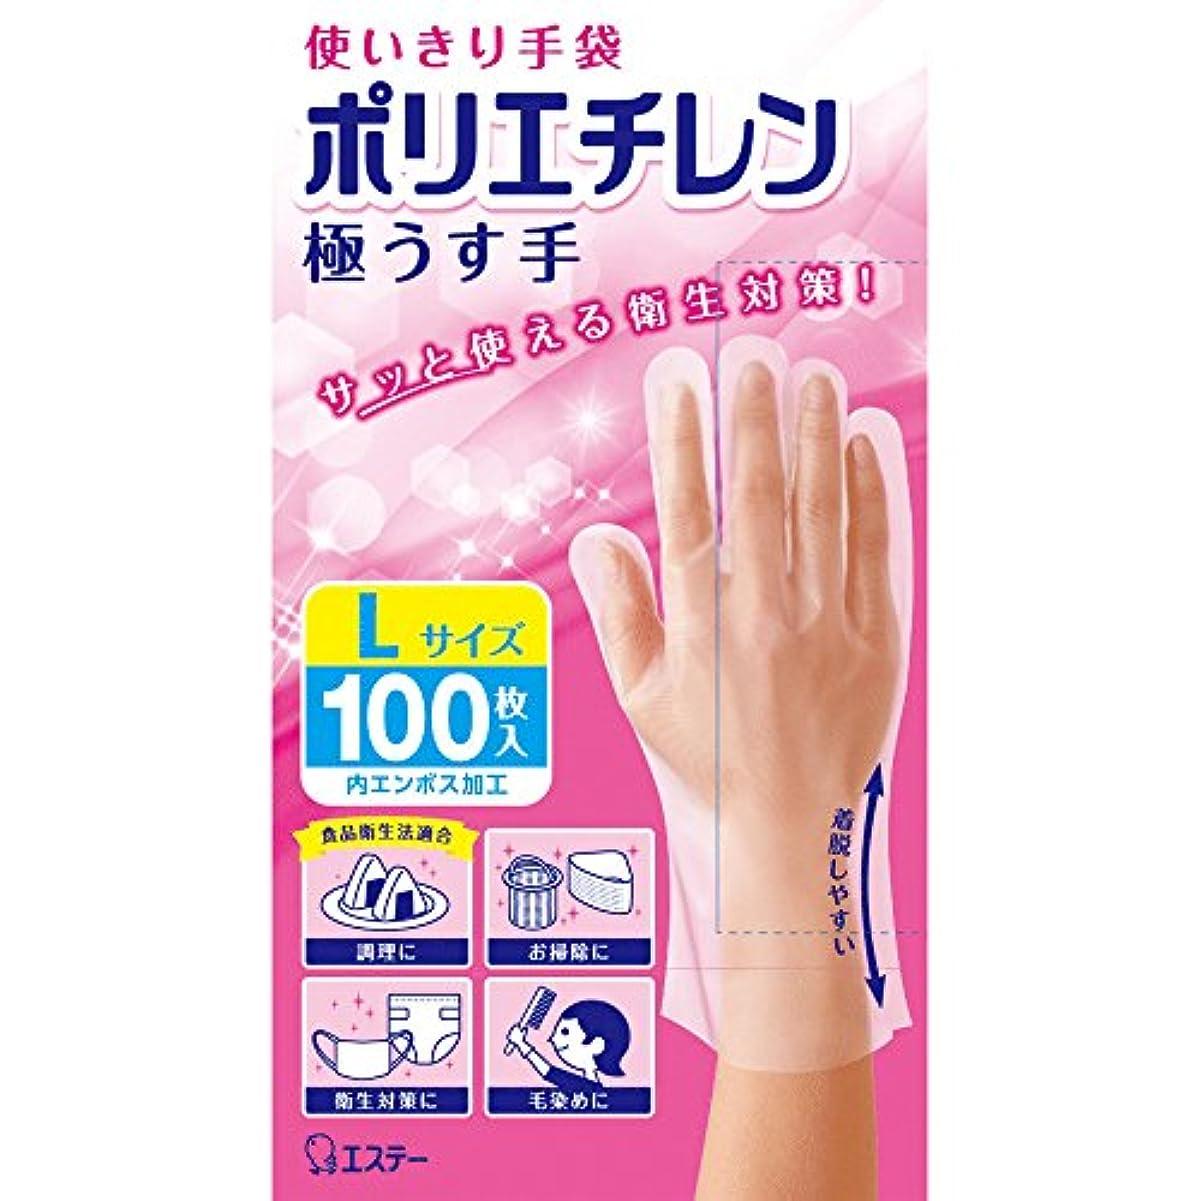 ナイロン空いている通信する使いきり手袋 ポリエチレン 極うす手 Lサイズ 半透明 100枚